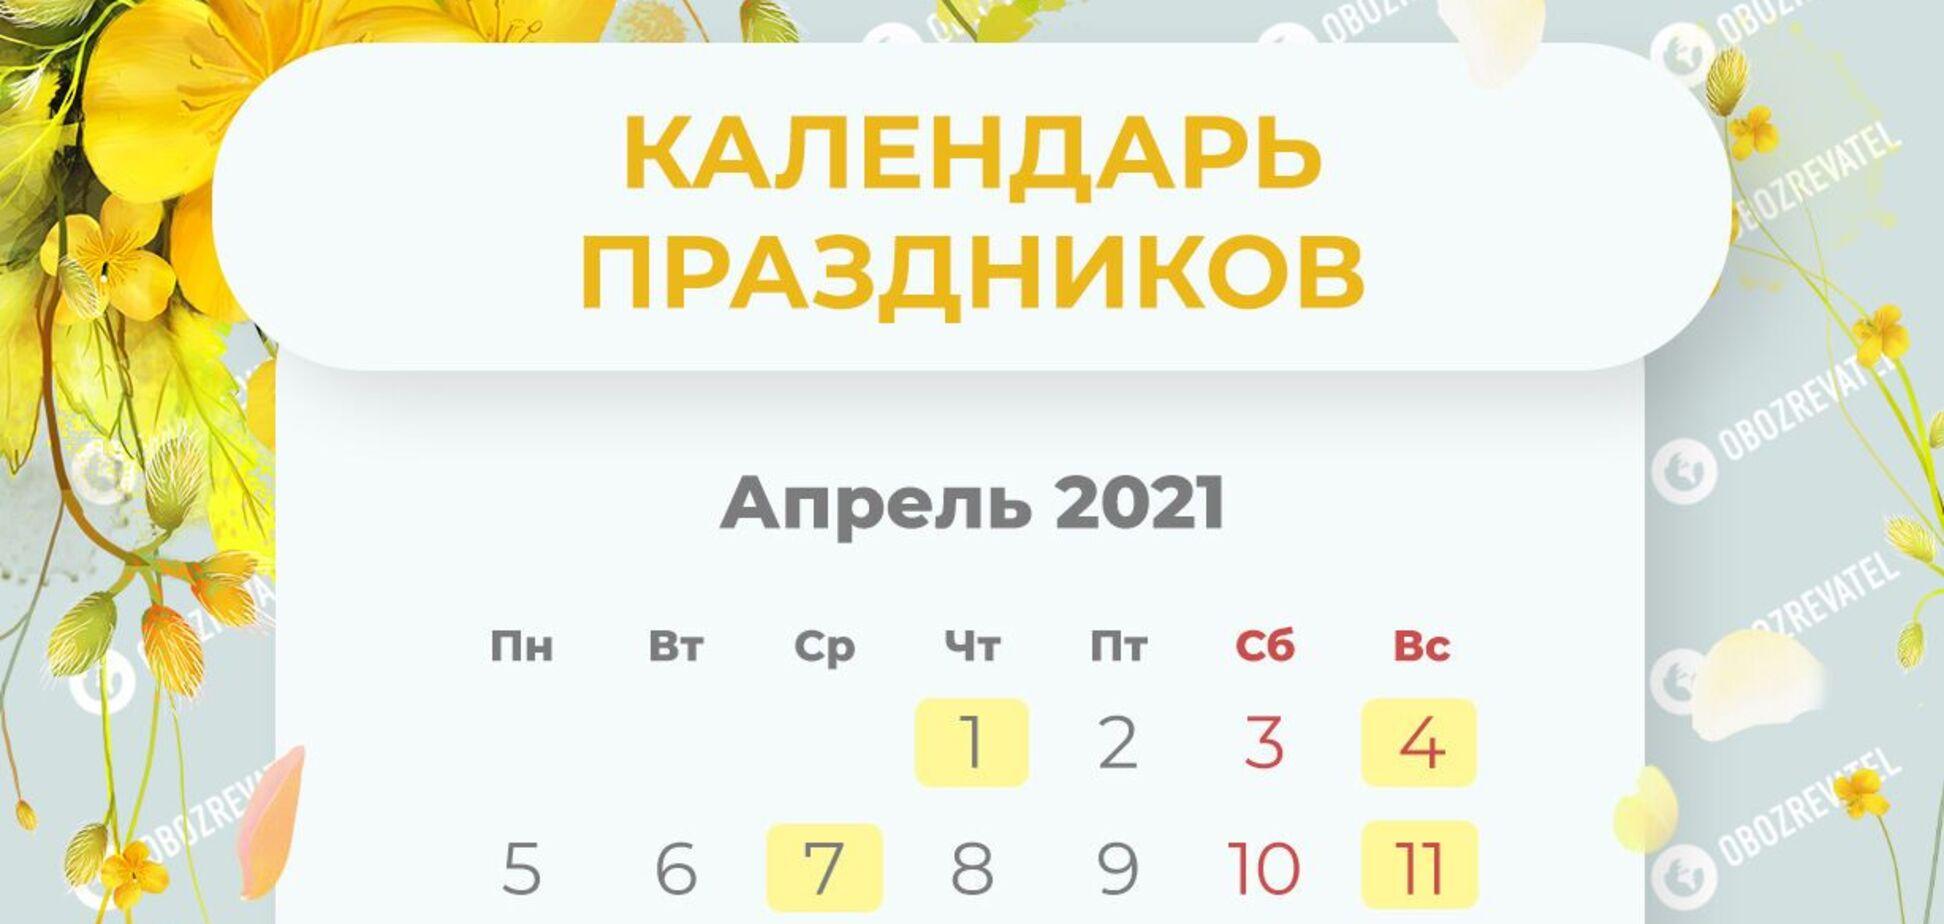 На апрель 2021 года приходится 8 выходных